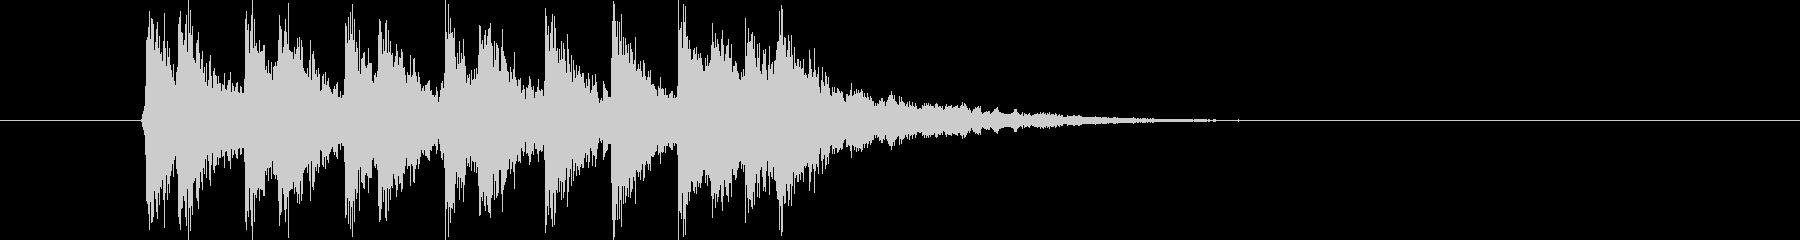 勢いのあるリズムのロックによるジングル曲の未再生の波形